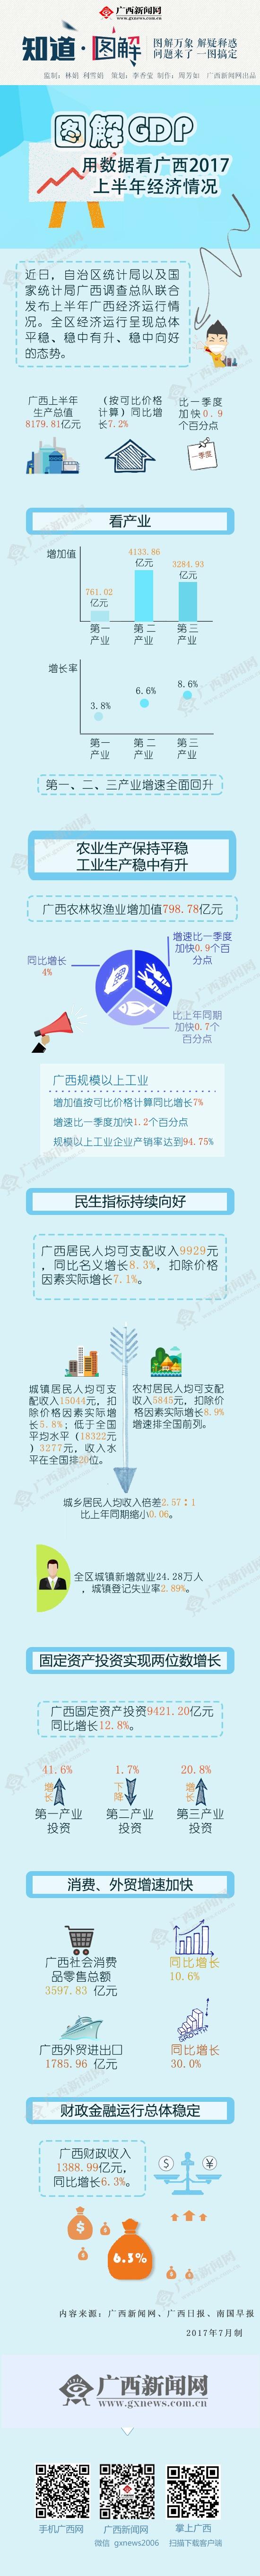 【知道・图解】用数据看广西2017上半年经济情况